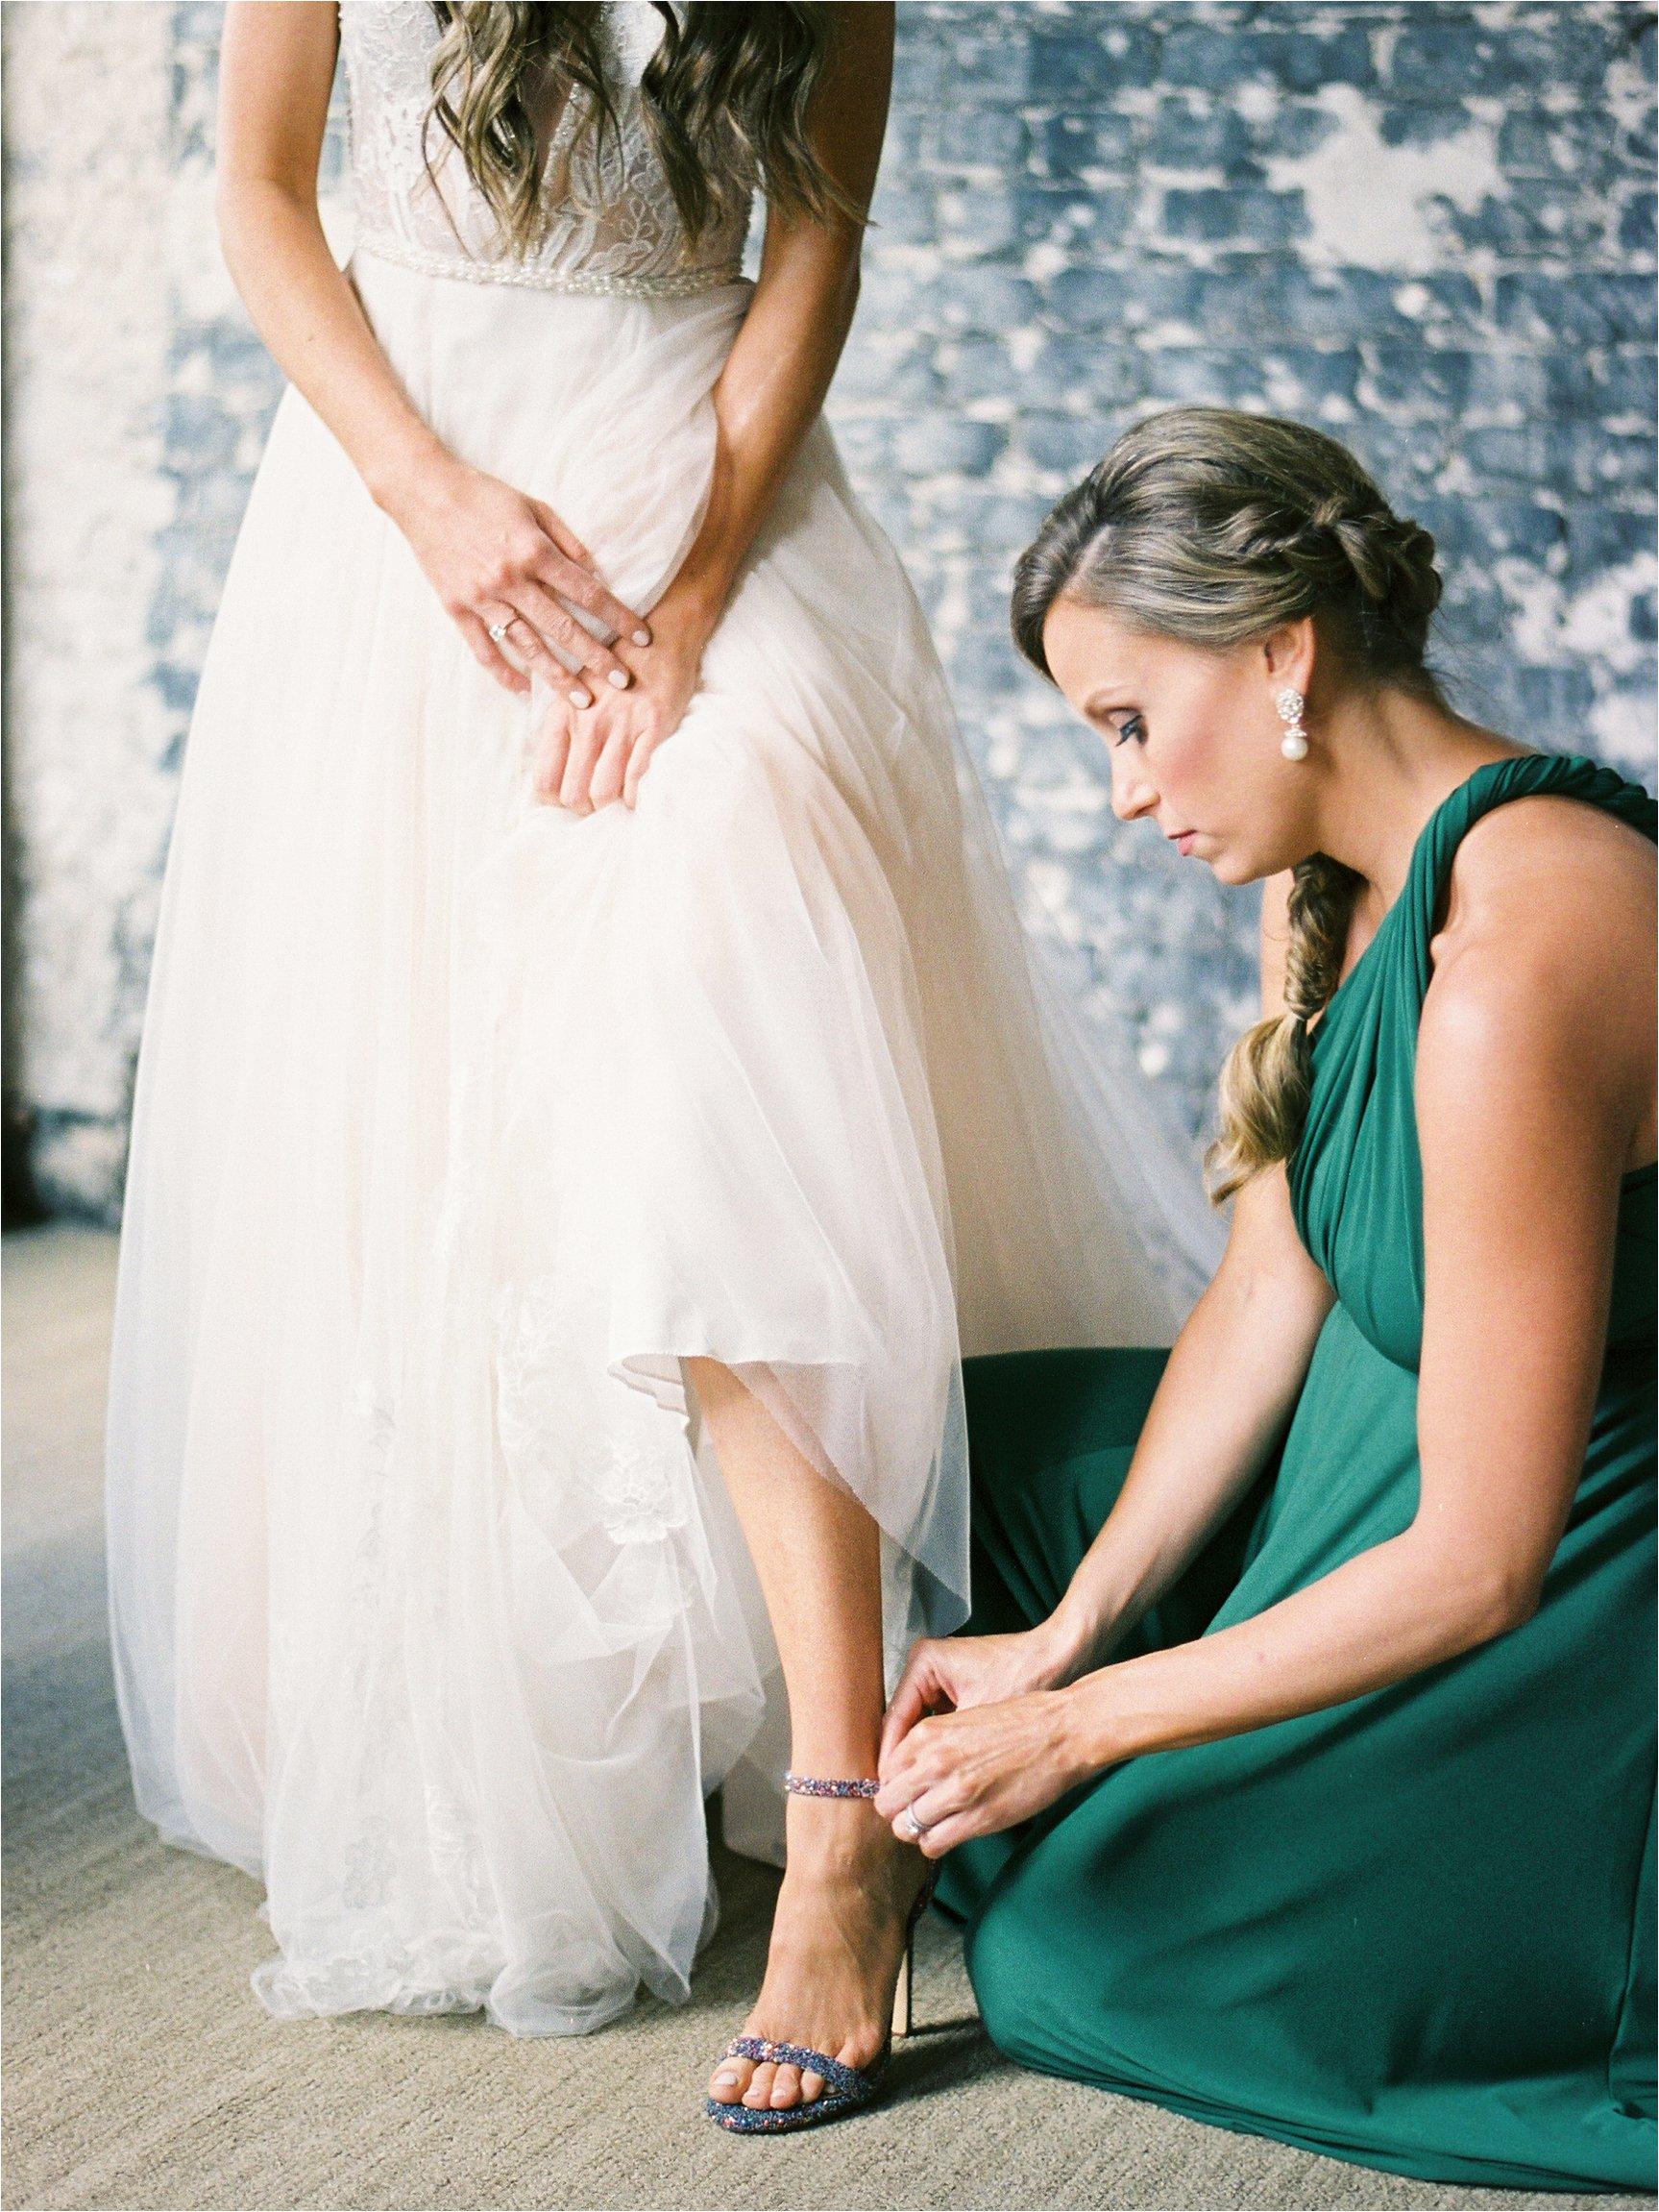 Oxford_Exchange_Wedding_Tampa125.JPG